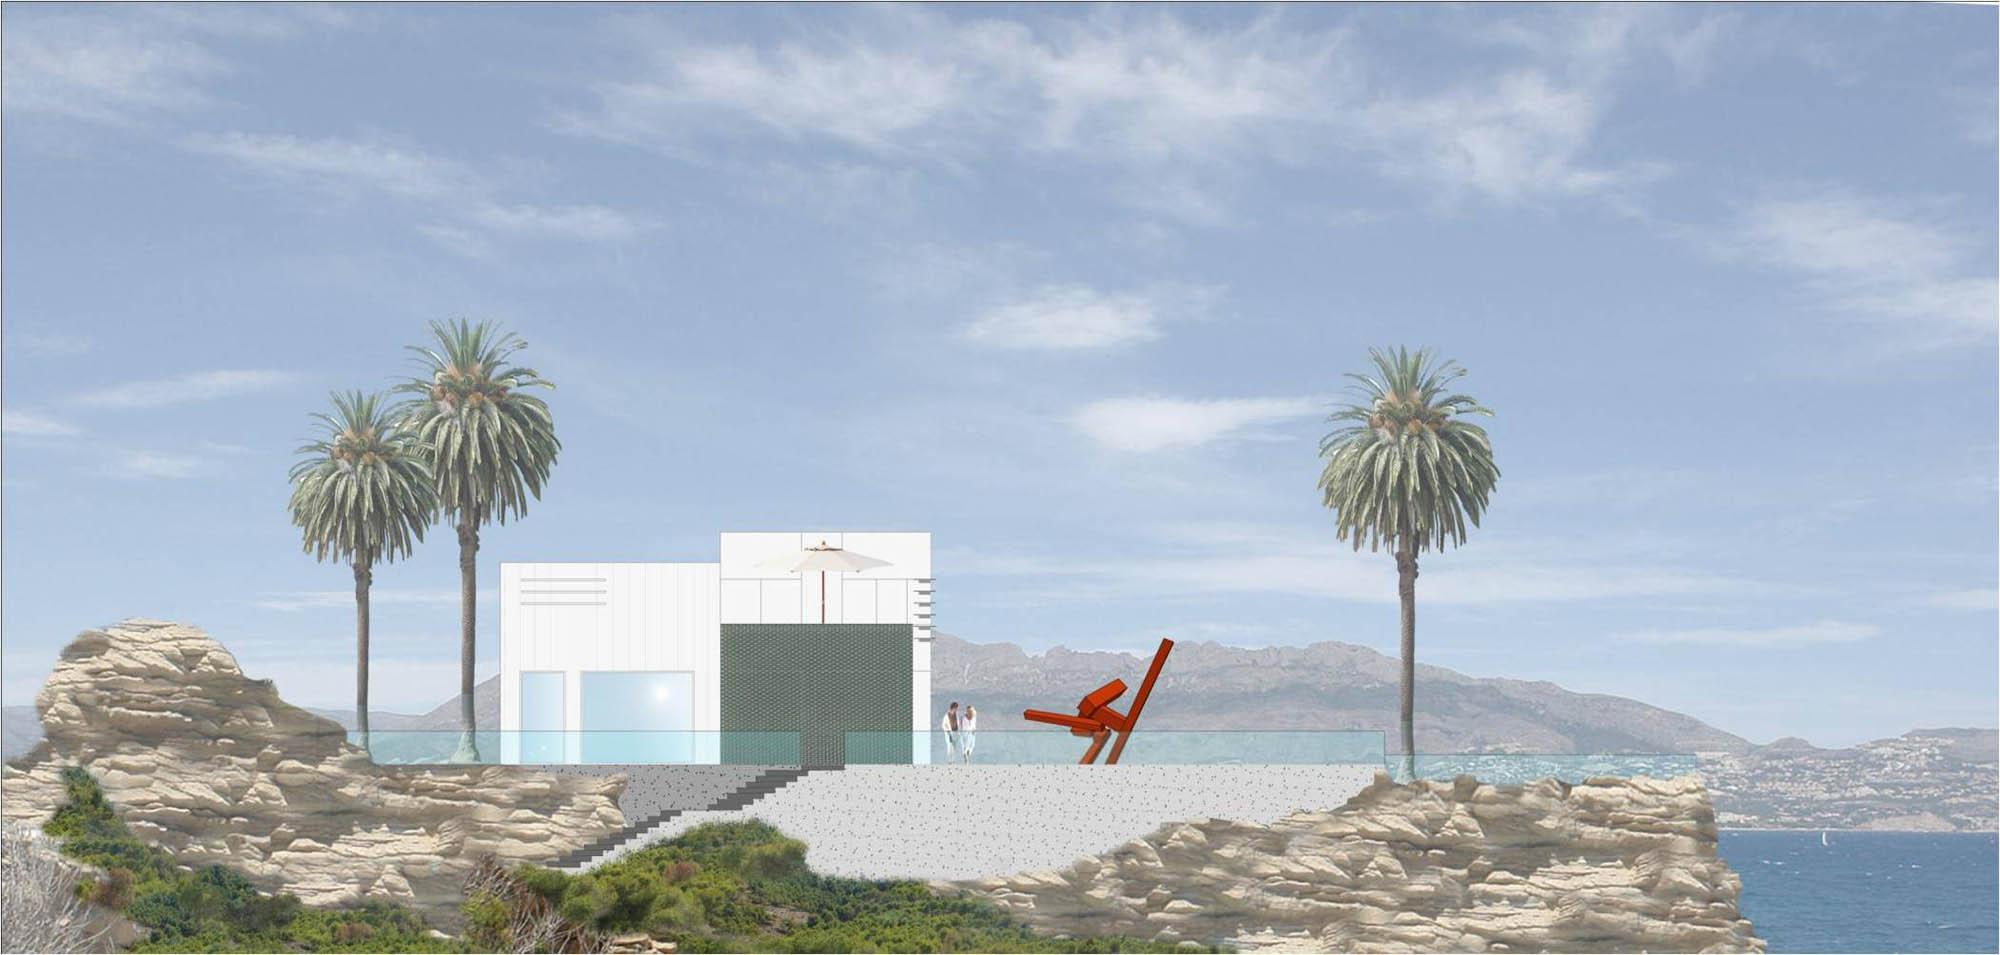 3 Casa del acantilado en El Albir